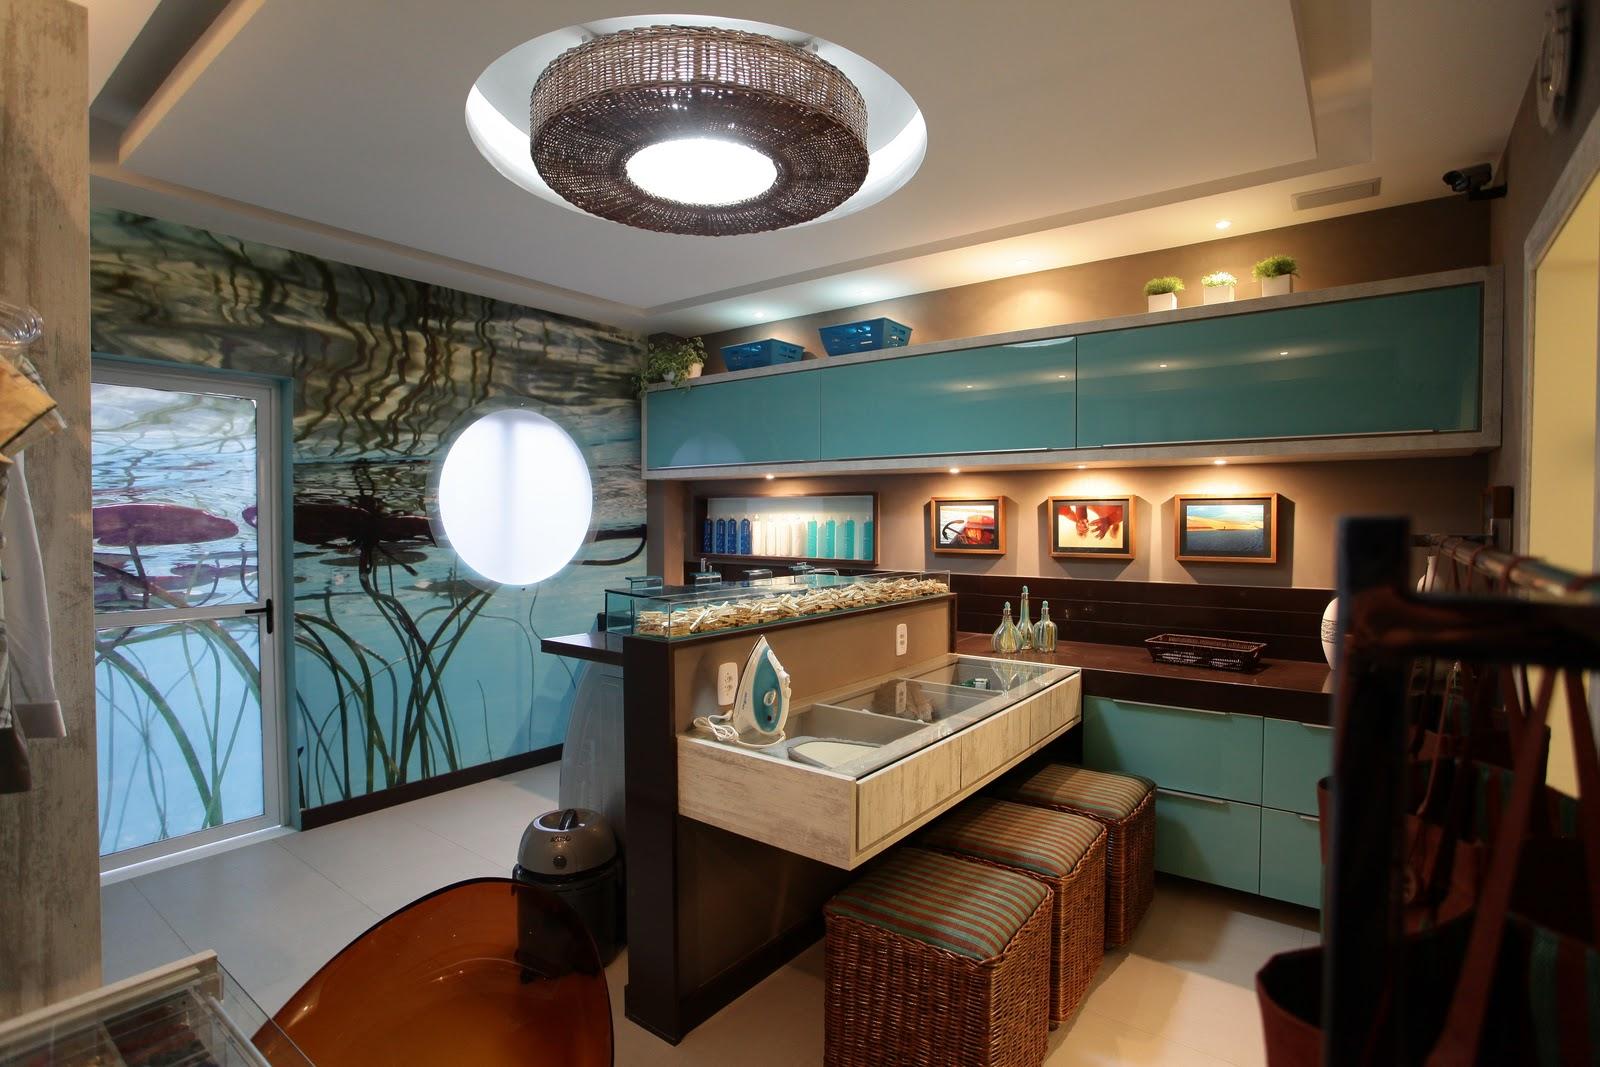 LayoutA3 Design e Arquitetura: A Lavanderia dos sonhos vista por outro  #9D6D2E 1600 1067